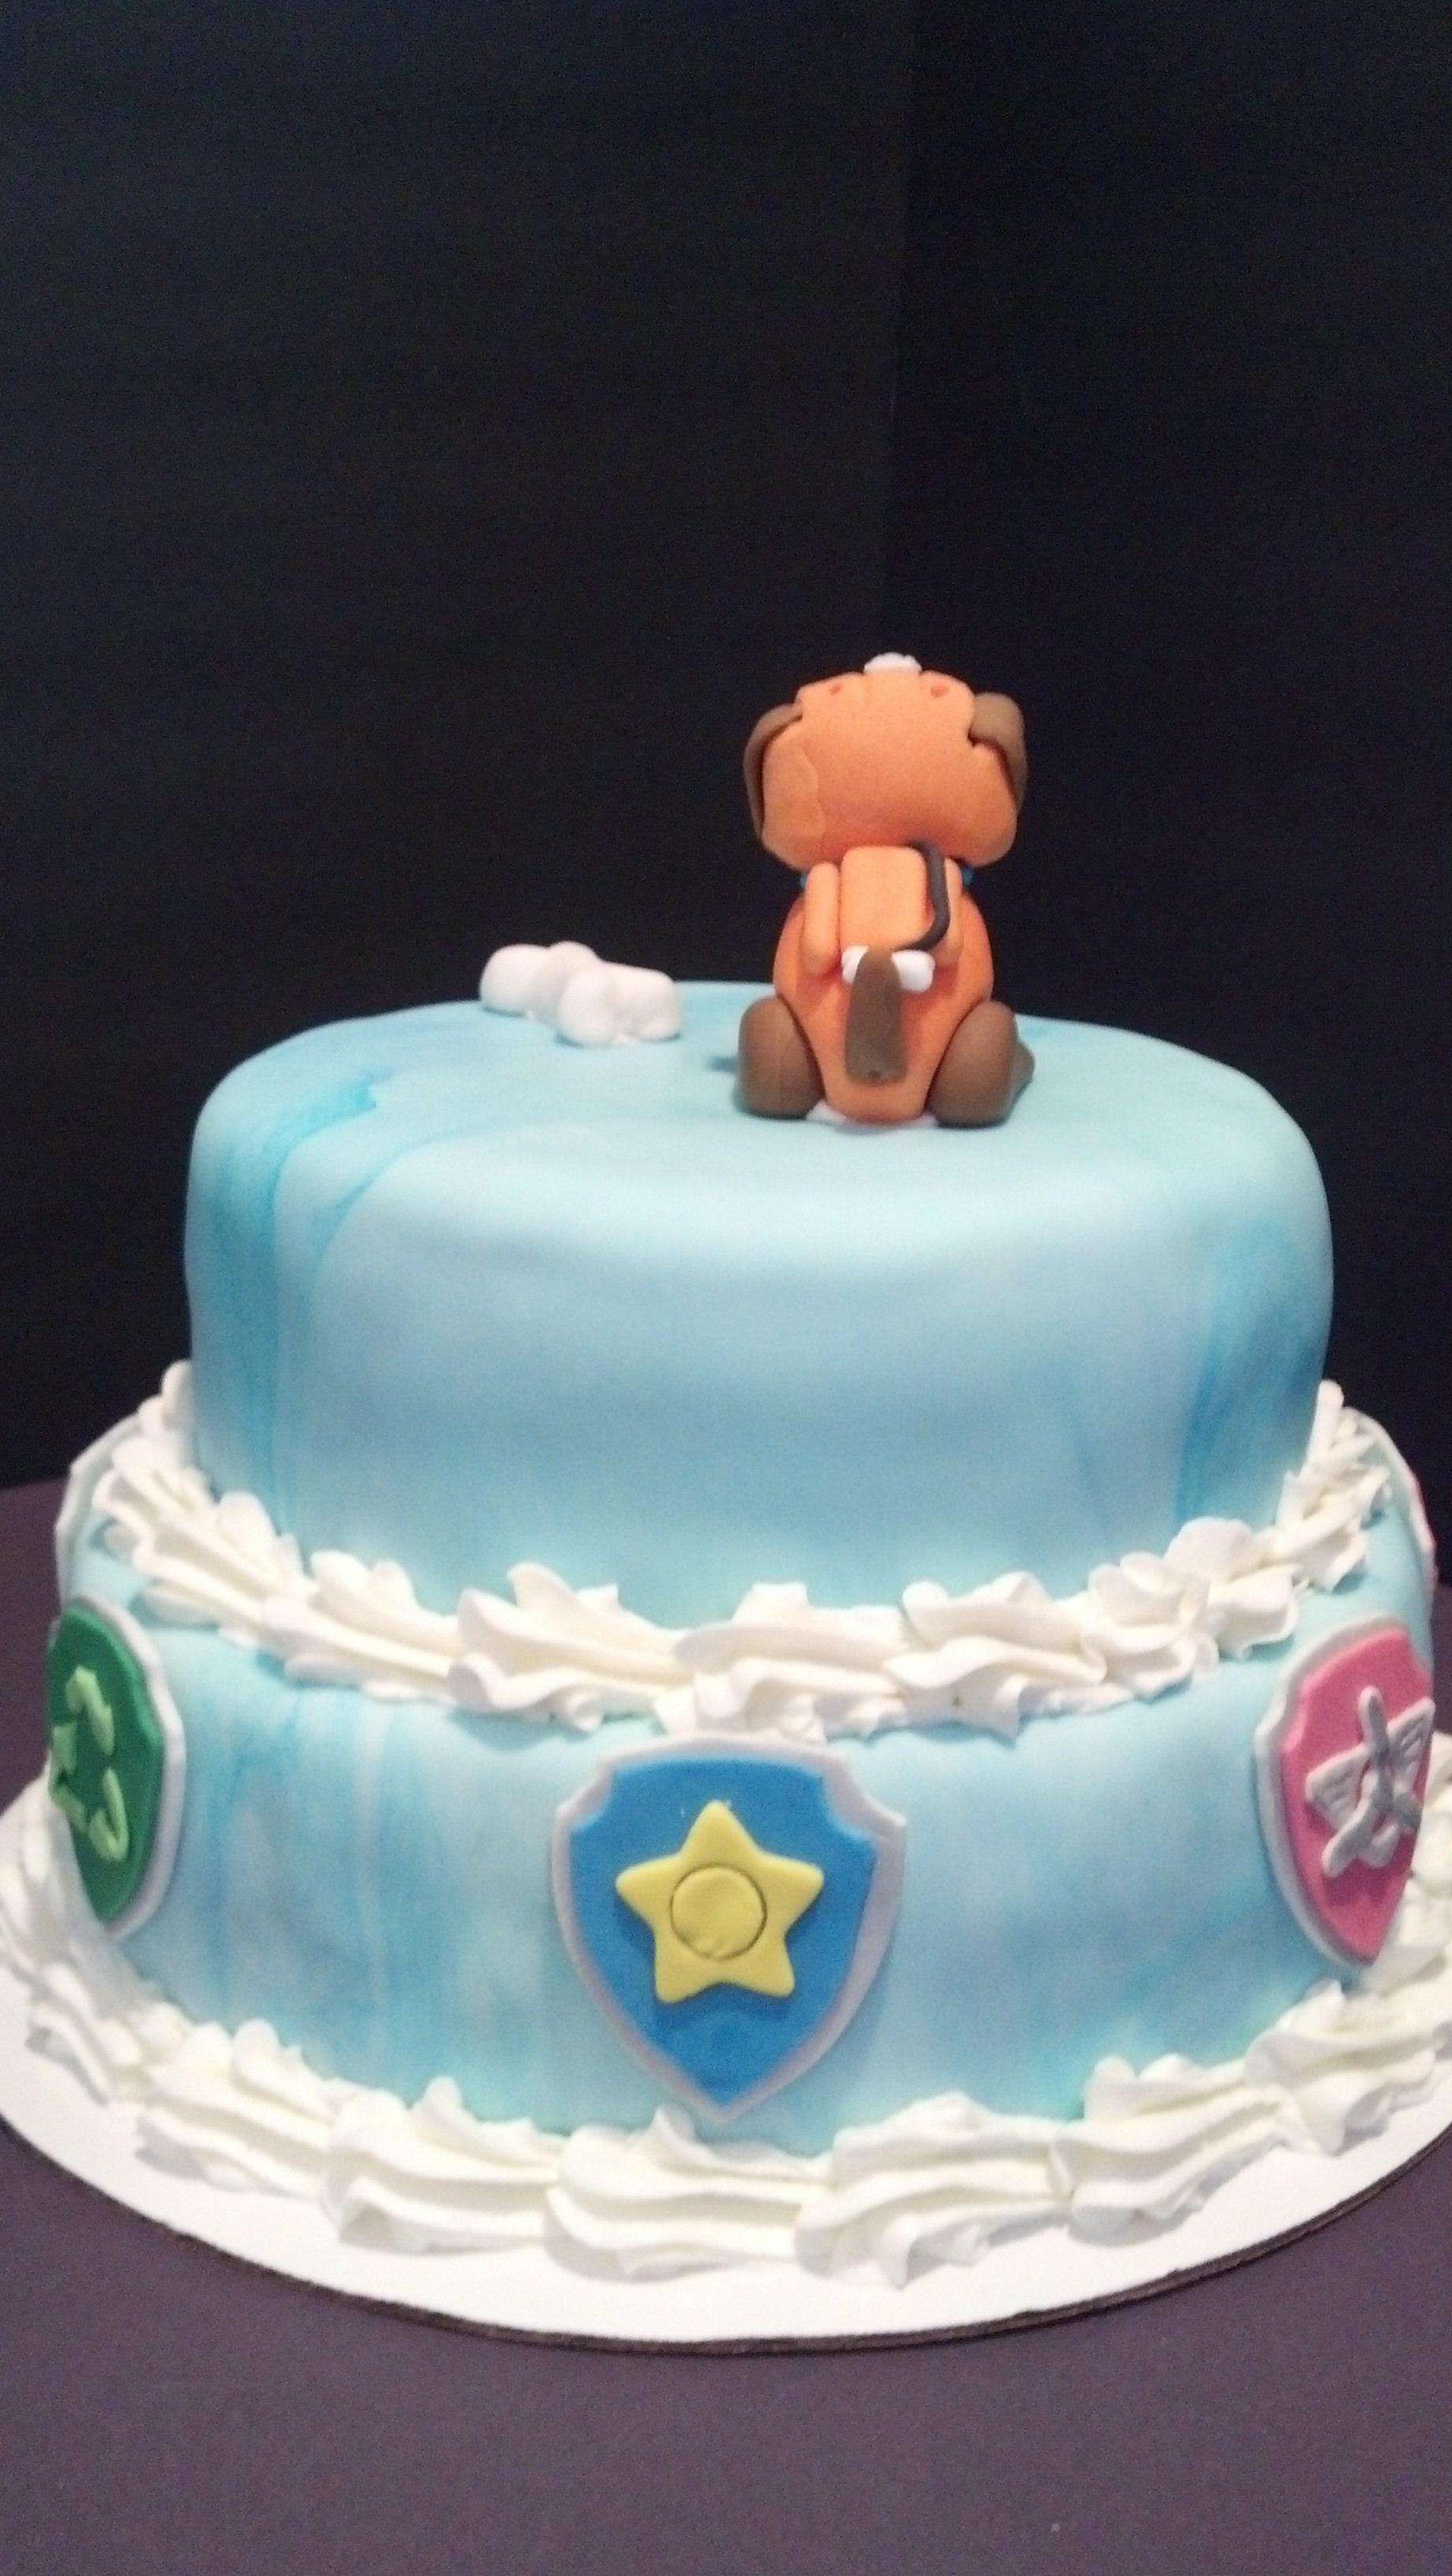 Paw Patrol Zuma Cake Cakecentral Com